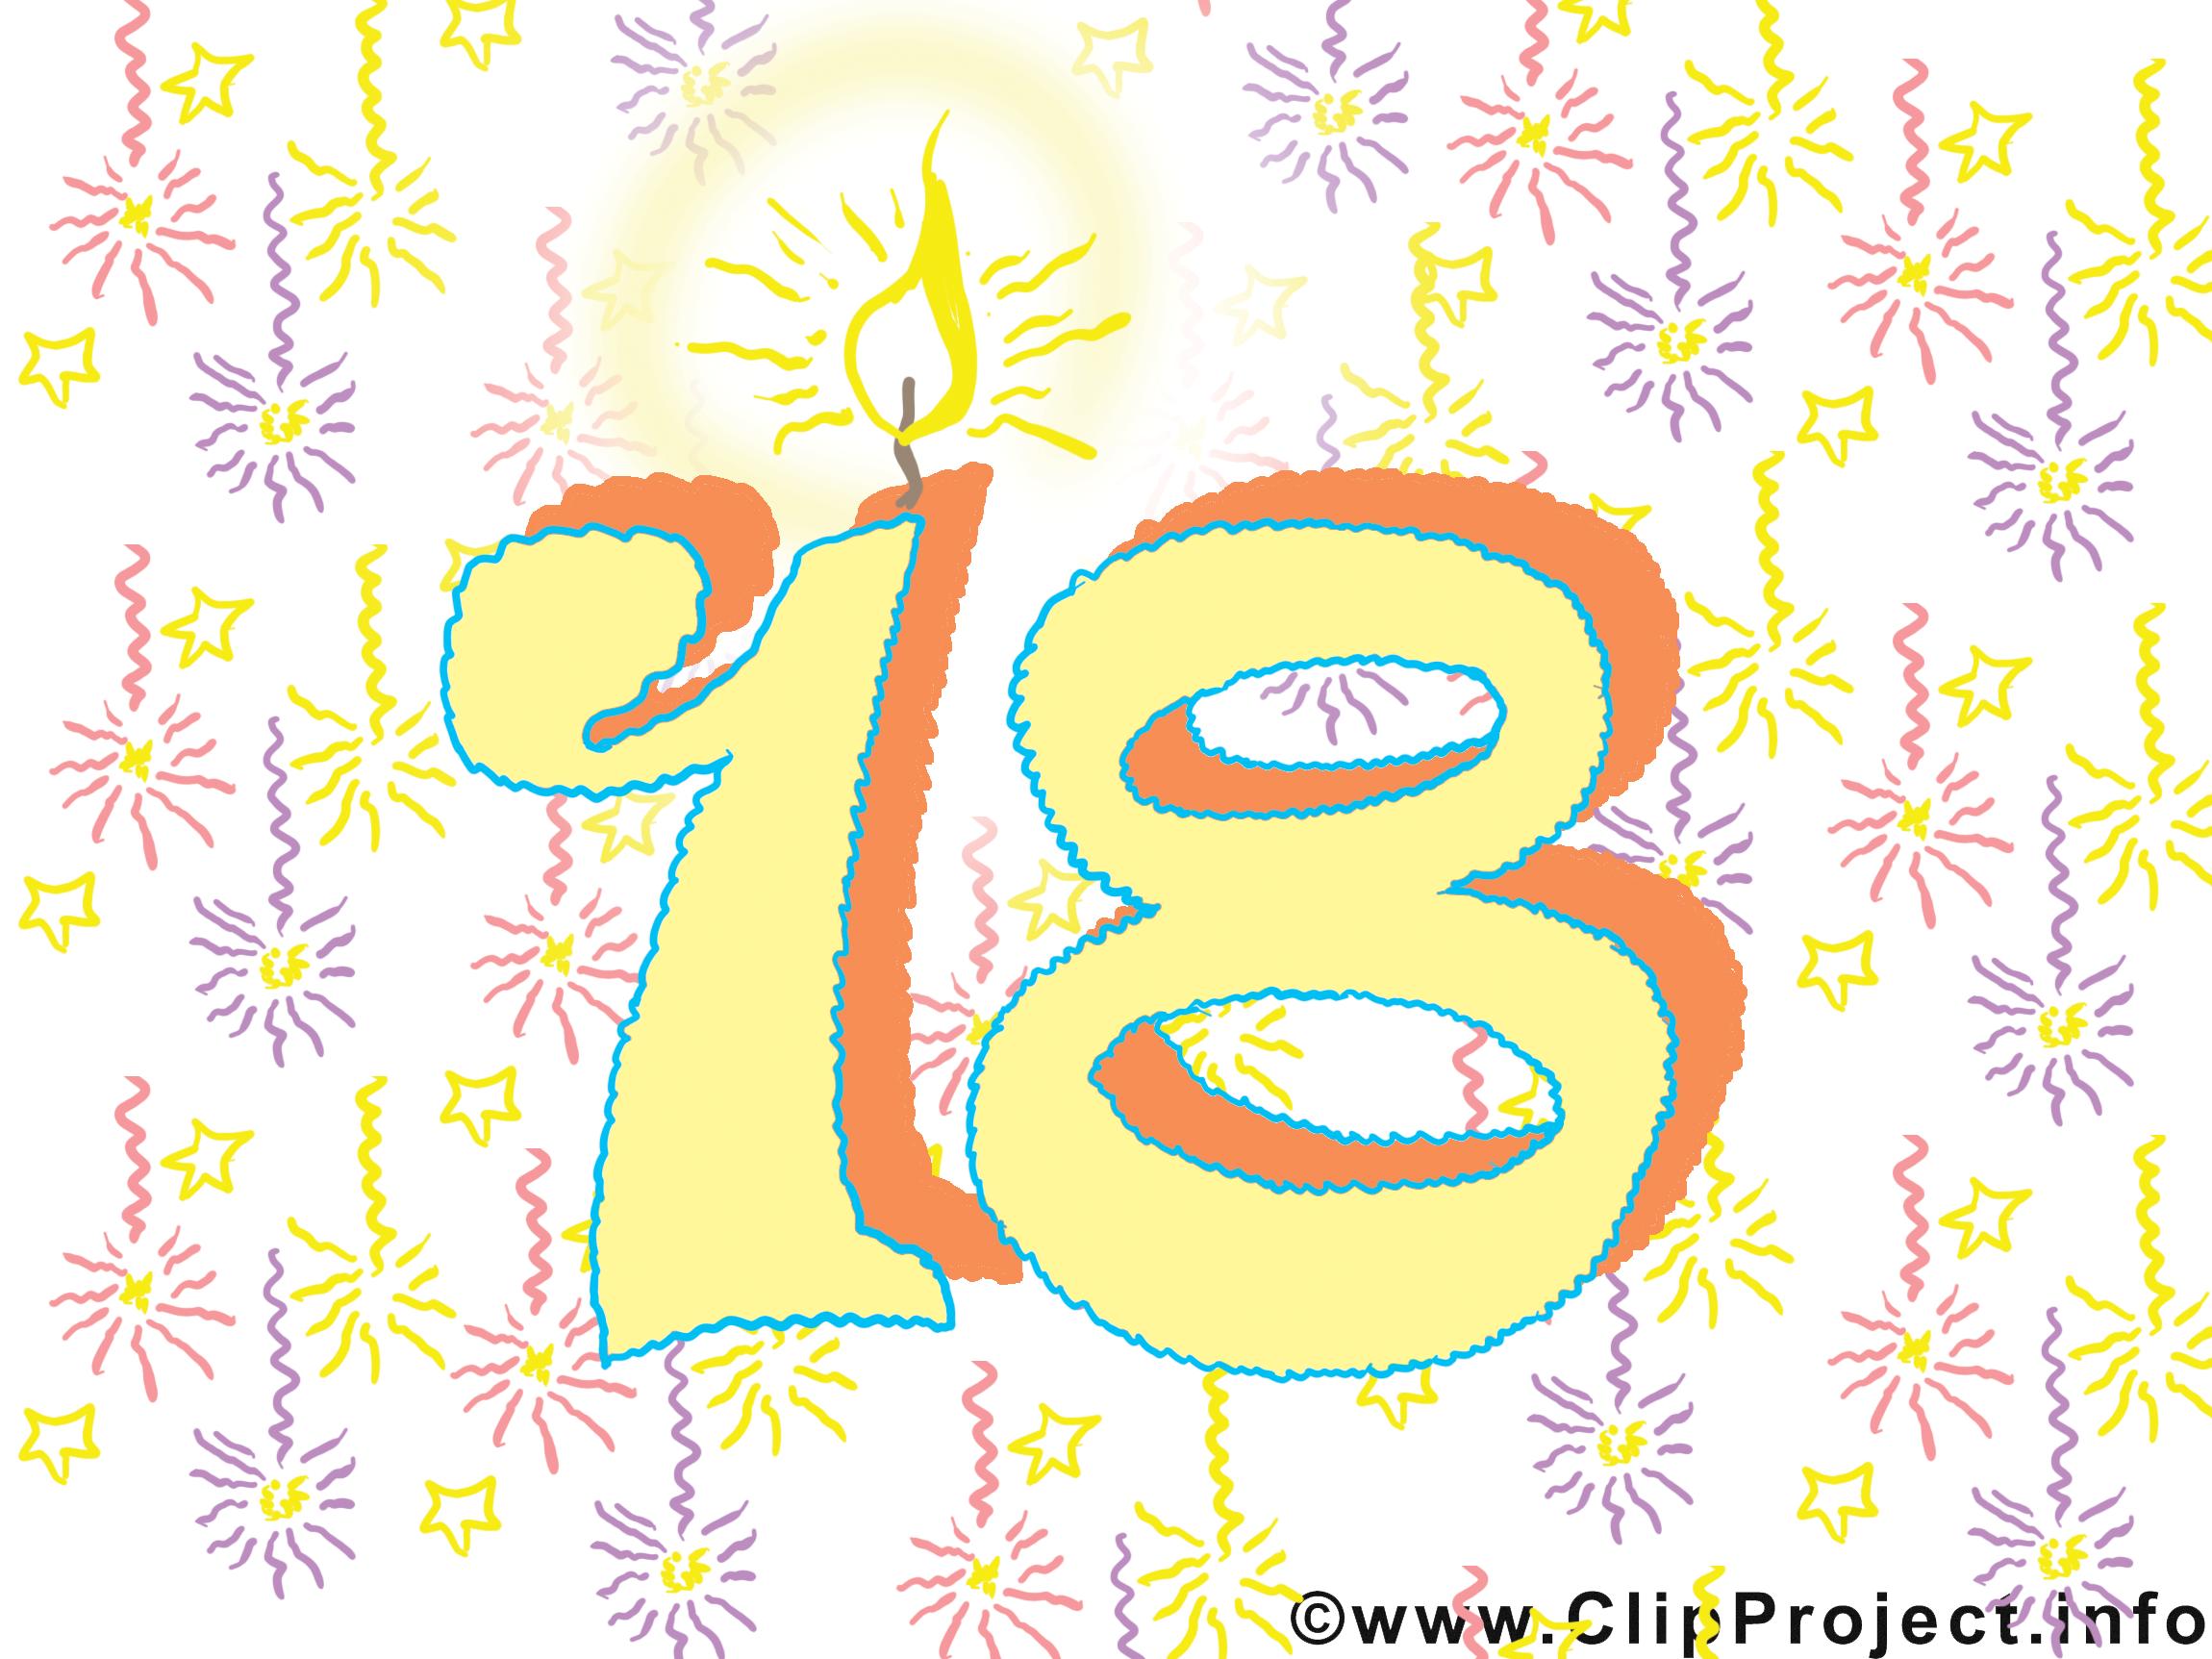 18 Ans Illustration Gratuite Anniversaire Clipart Cartes Virtuelles Anniversaire Dessin Picture Image Graphic Clip Art Telecharger Gratuit